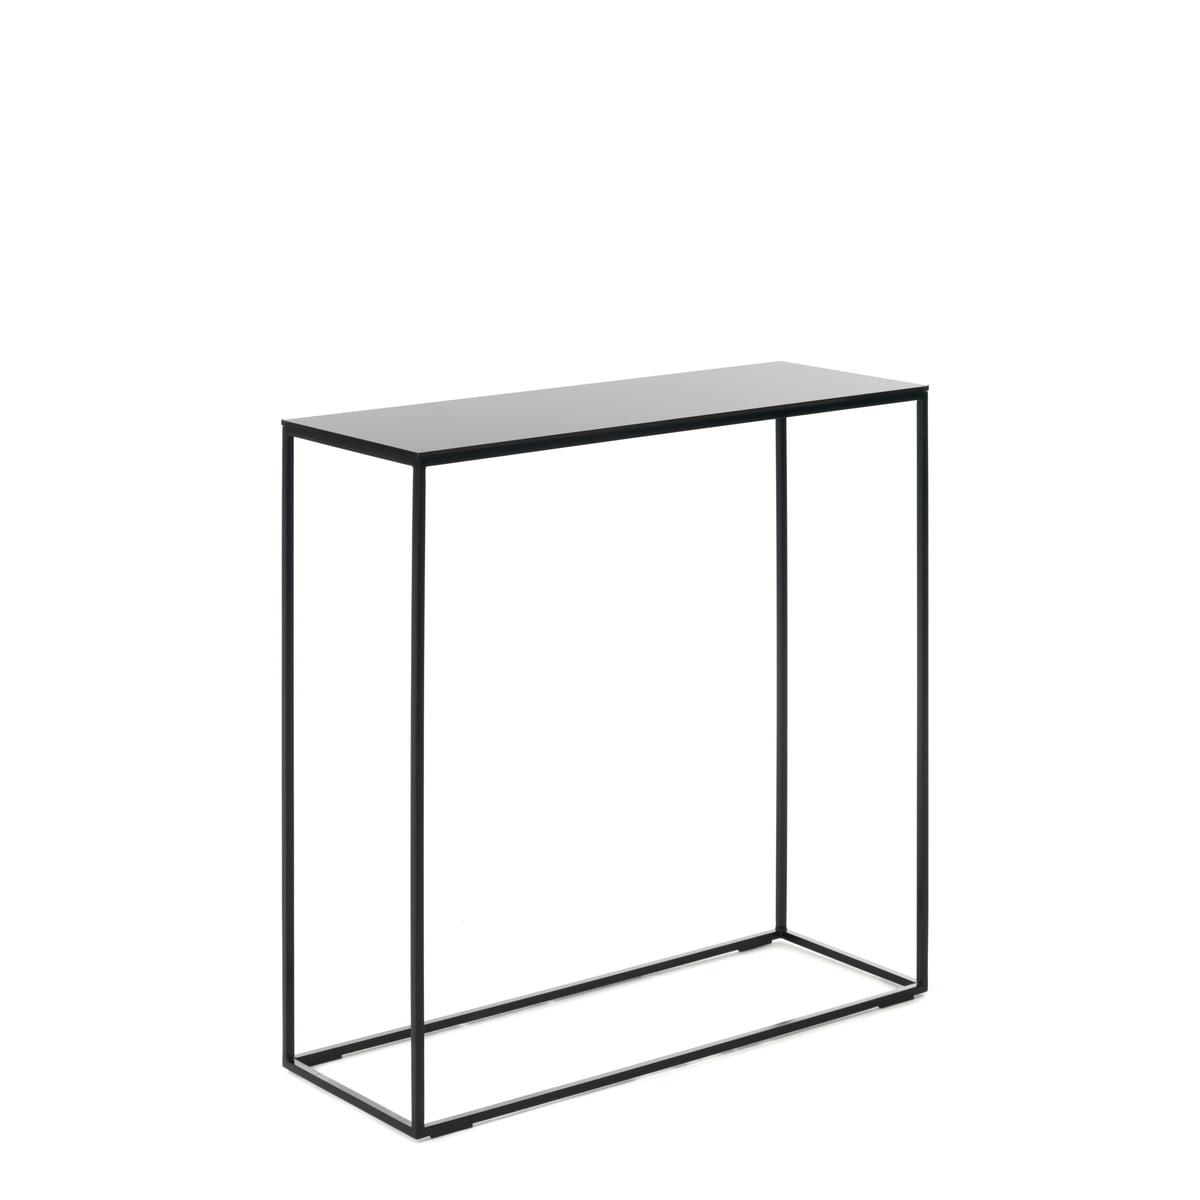 rack konsolentisch von sch nbuch connox. Black Bedroom Furniture Sets. Home Design Ideas